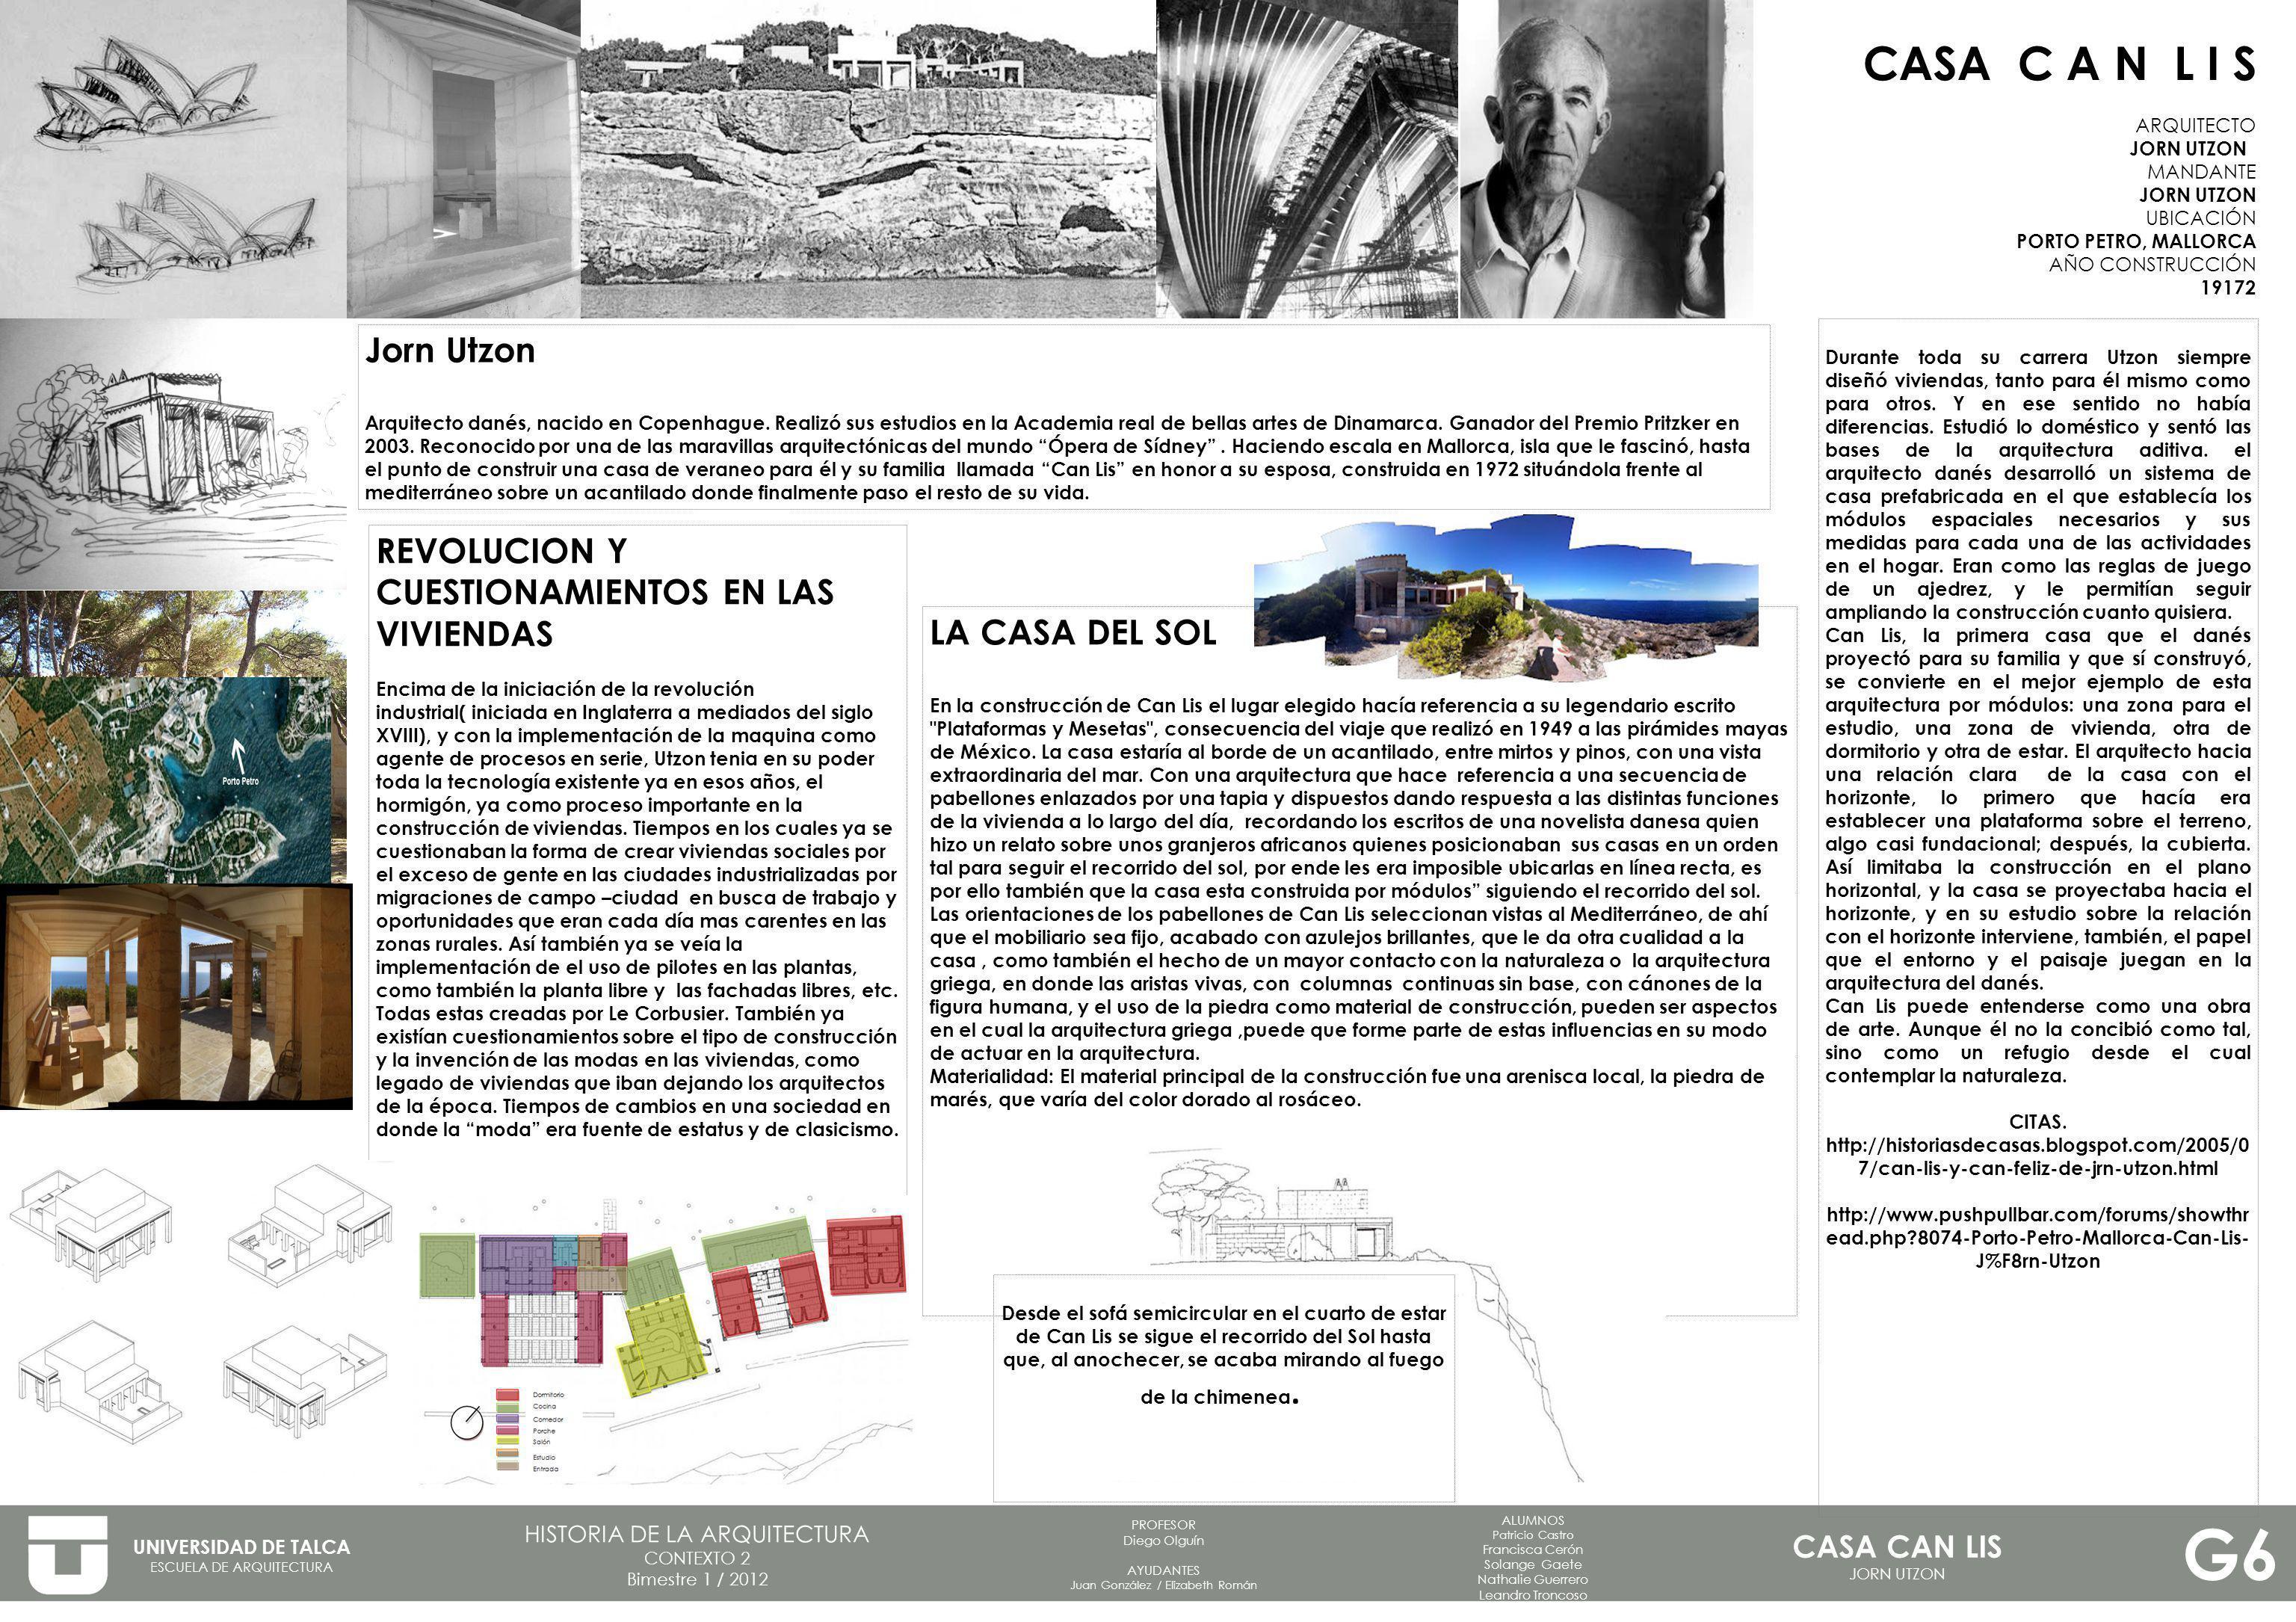 UNIVERSIDAD DE TALCA ESCUELA DE ARQUITECTURA HISTORIA DE LA ARQUITECTURA CONTEXTO 2 Bimestre 1 / 2012 PROFESOR Diego Olguín AYUDANTES Juan González /